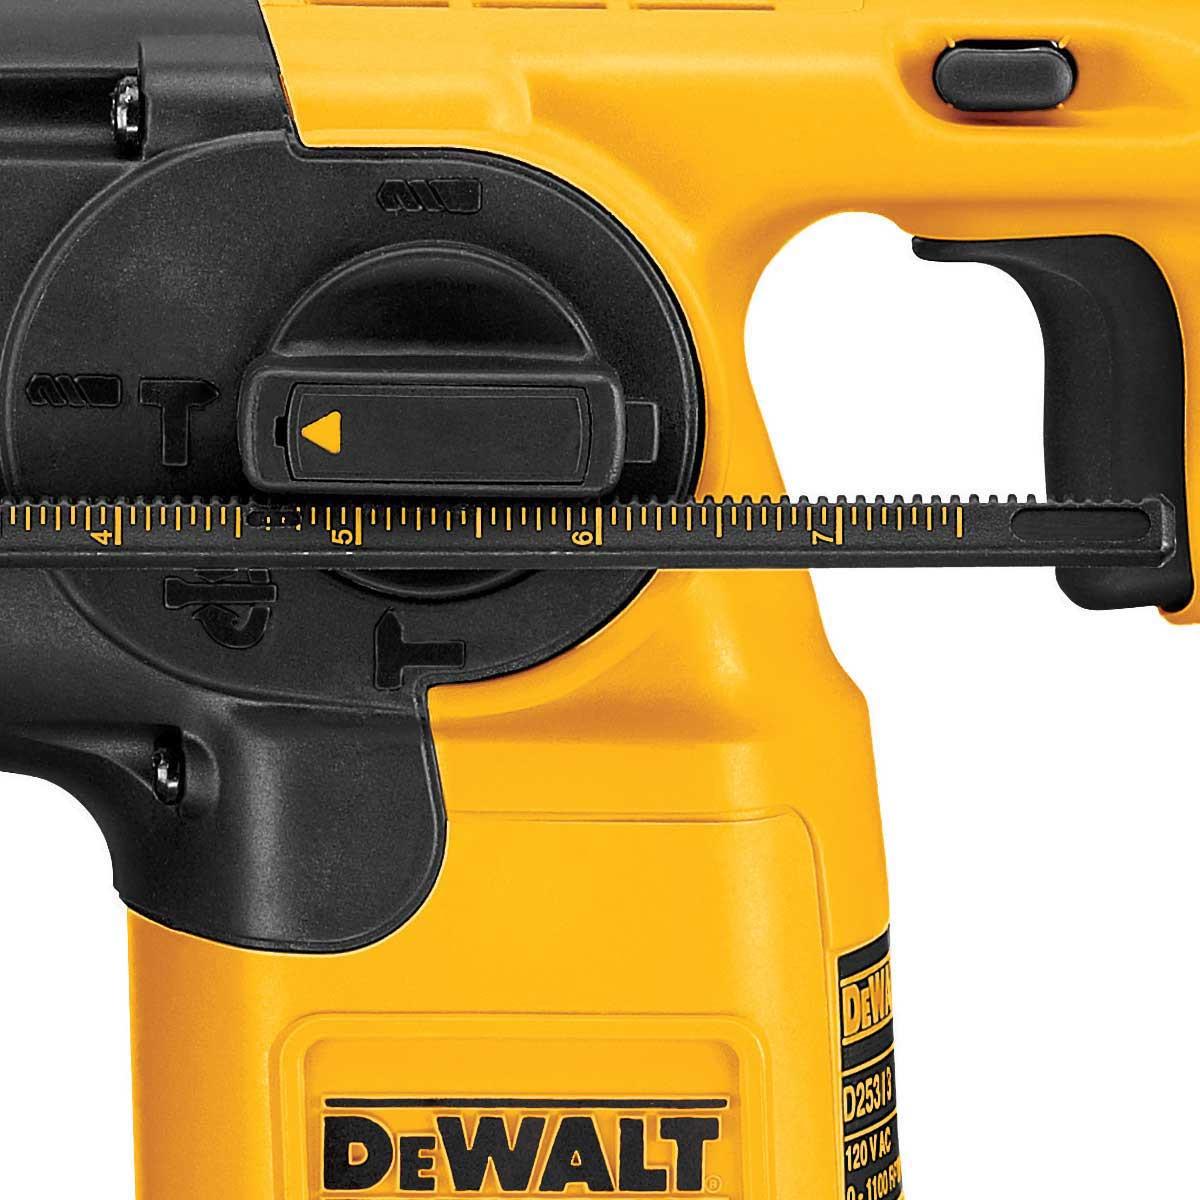 1 inch Dewalt SDS Plus Hammer